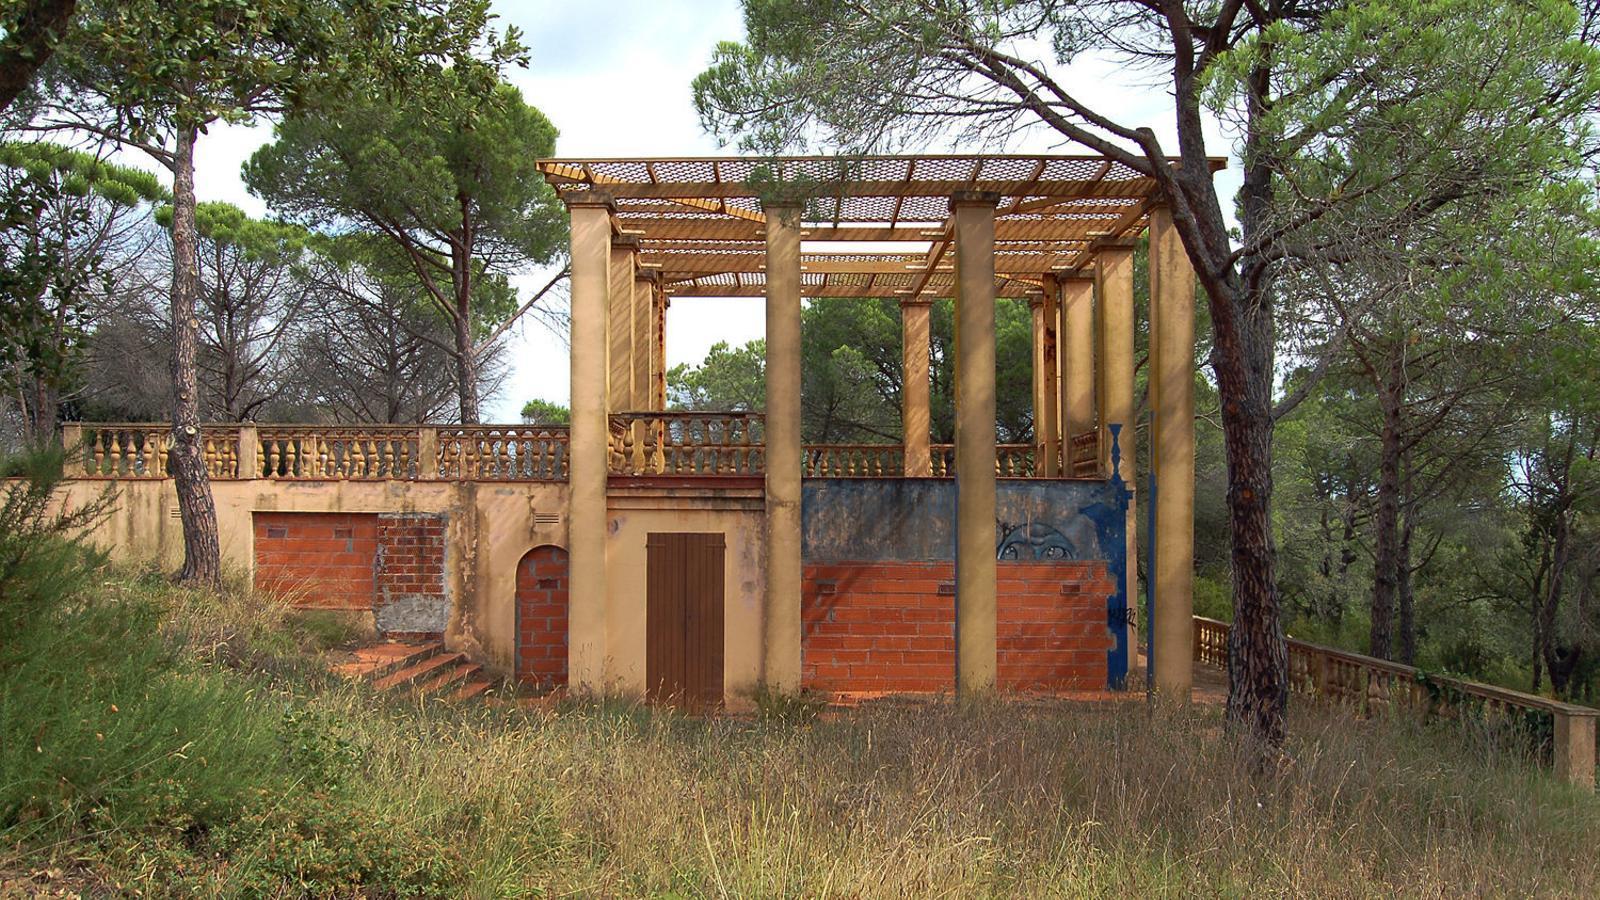 Els reptes d'estimar i conservar els edificis moderns i contemporanis